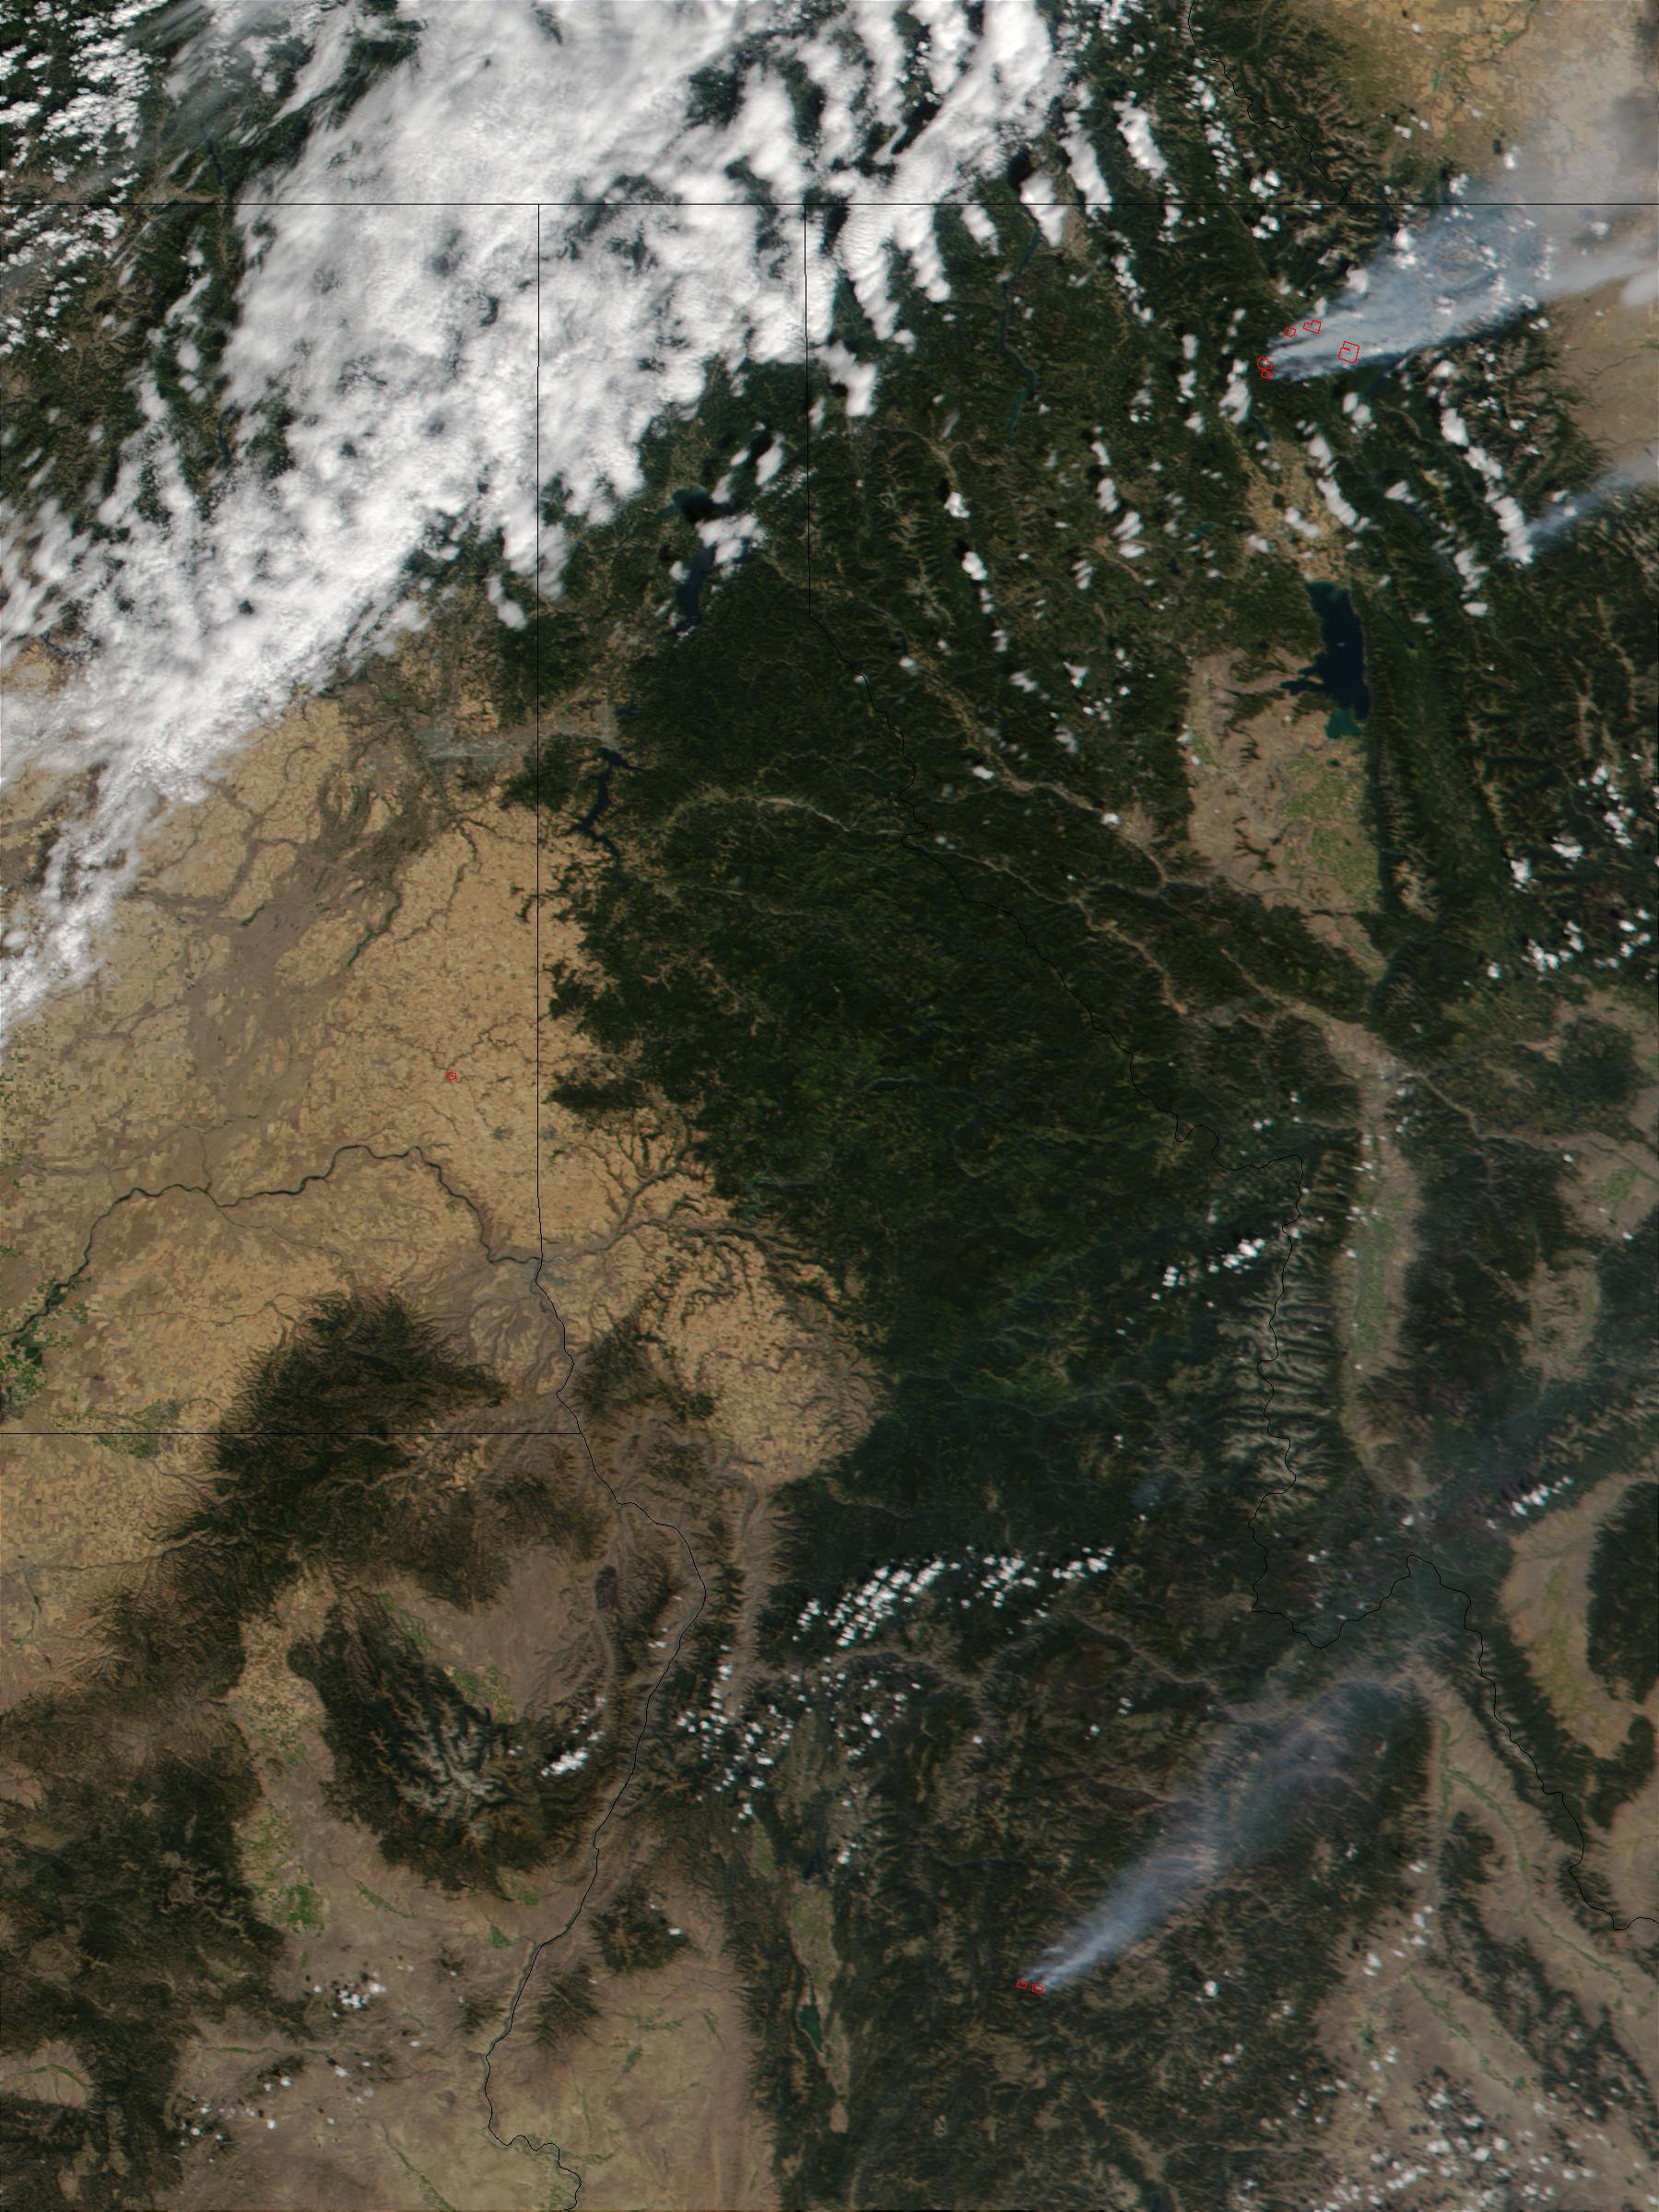 Incendio forestal en Montana y Idaho